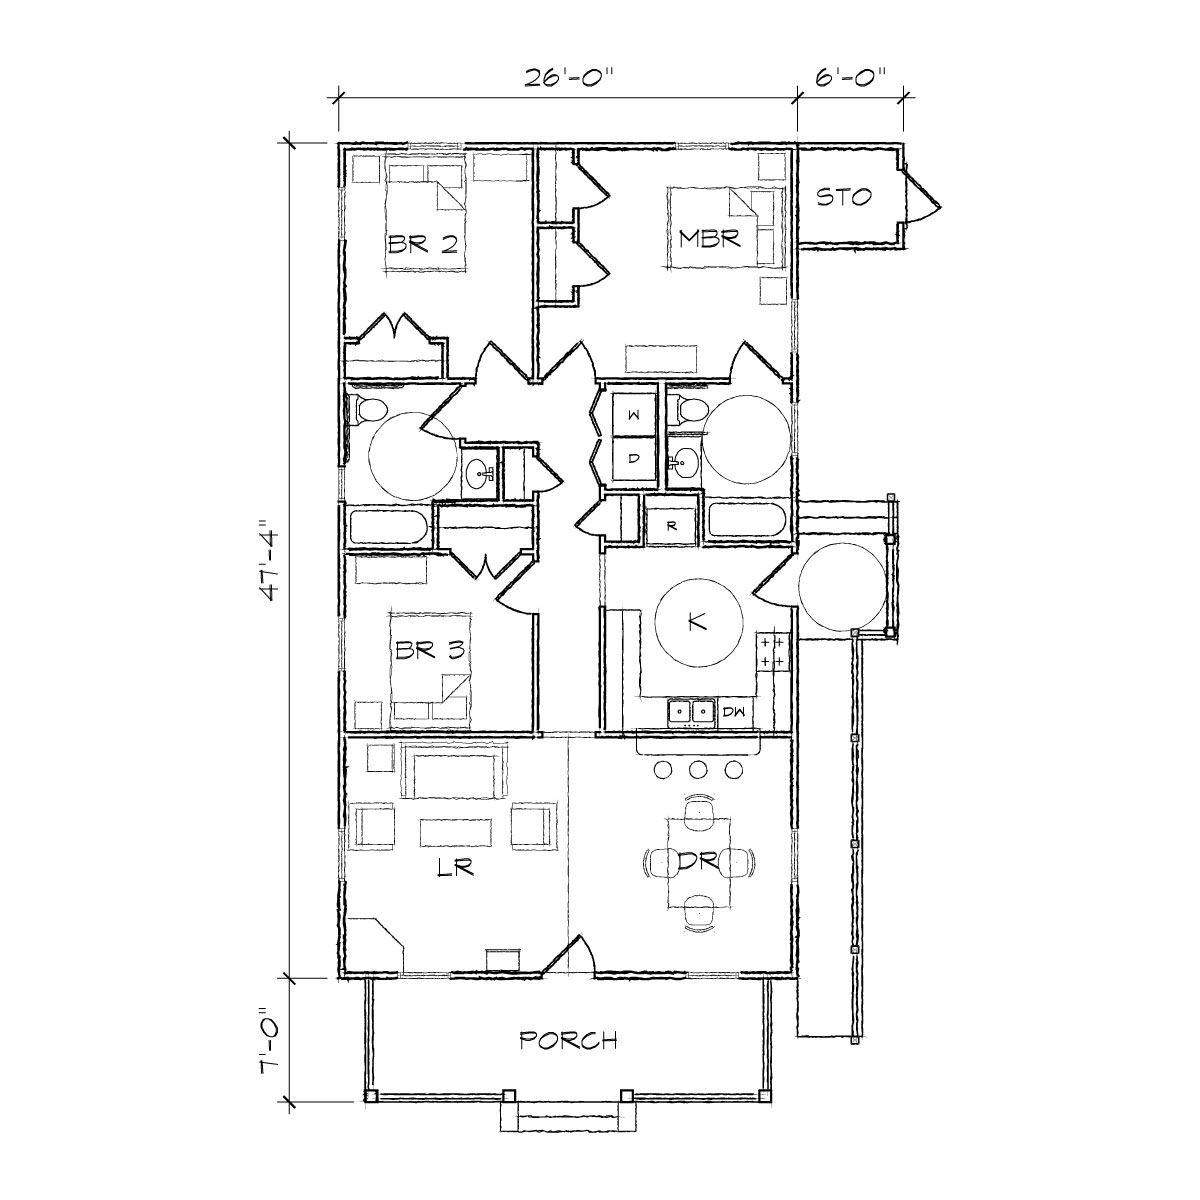 Bungalow Floor Plans Google Search Bungalow Floor Plans Floor Plans Bungalow Design